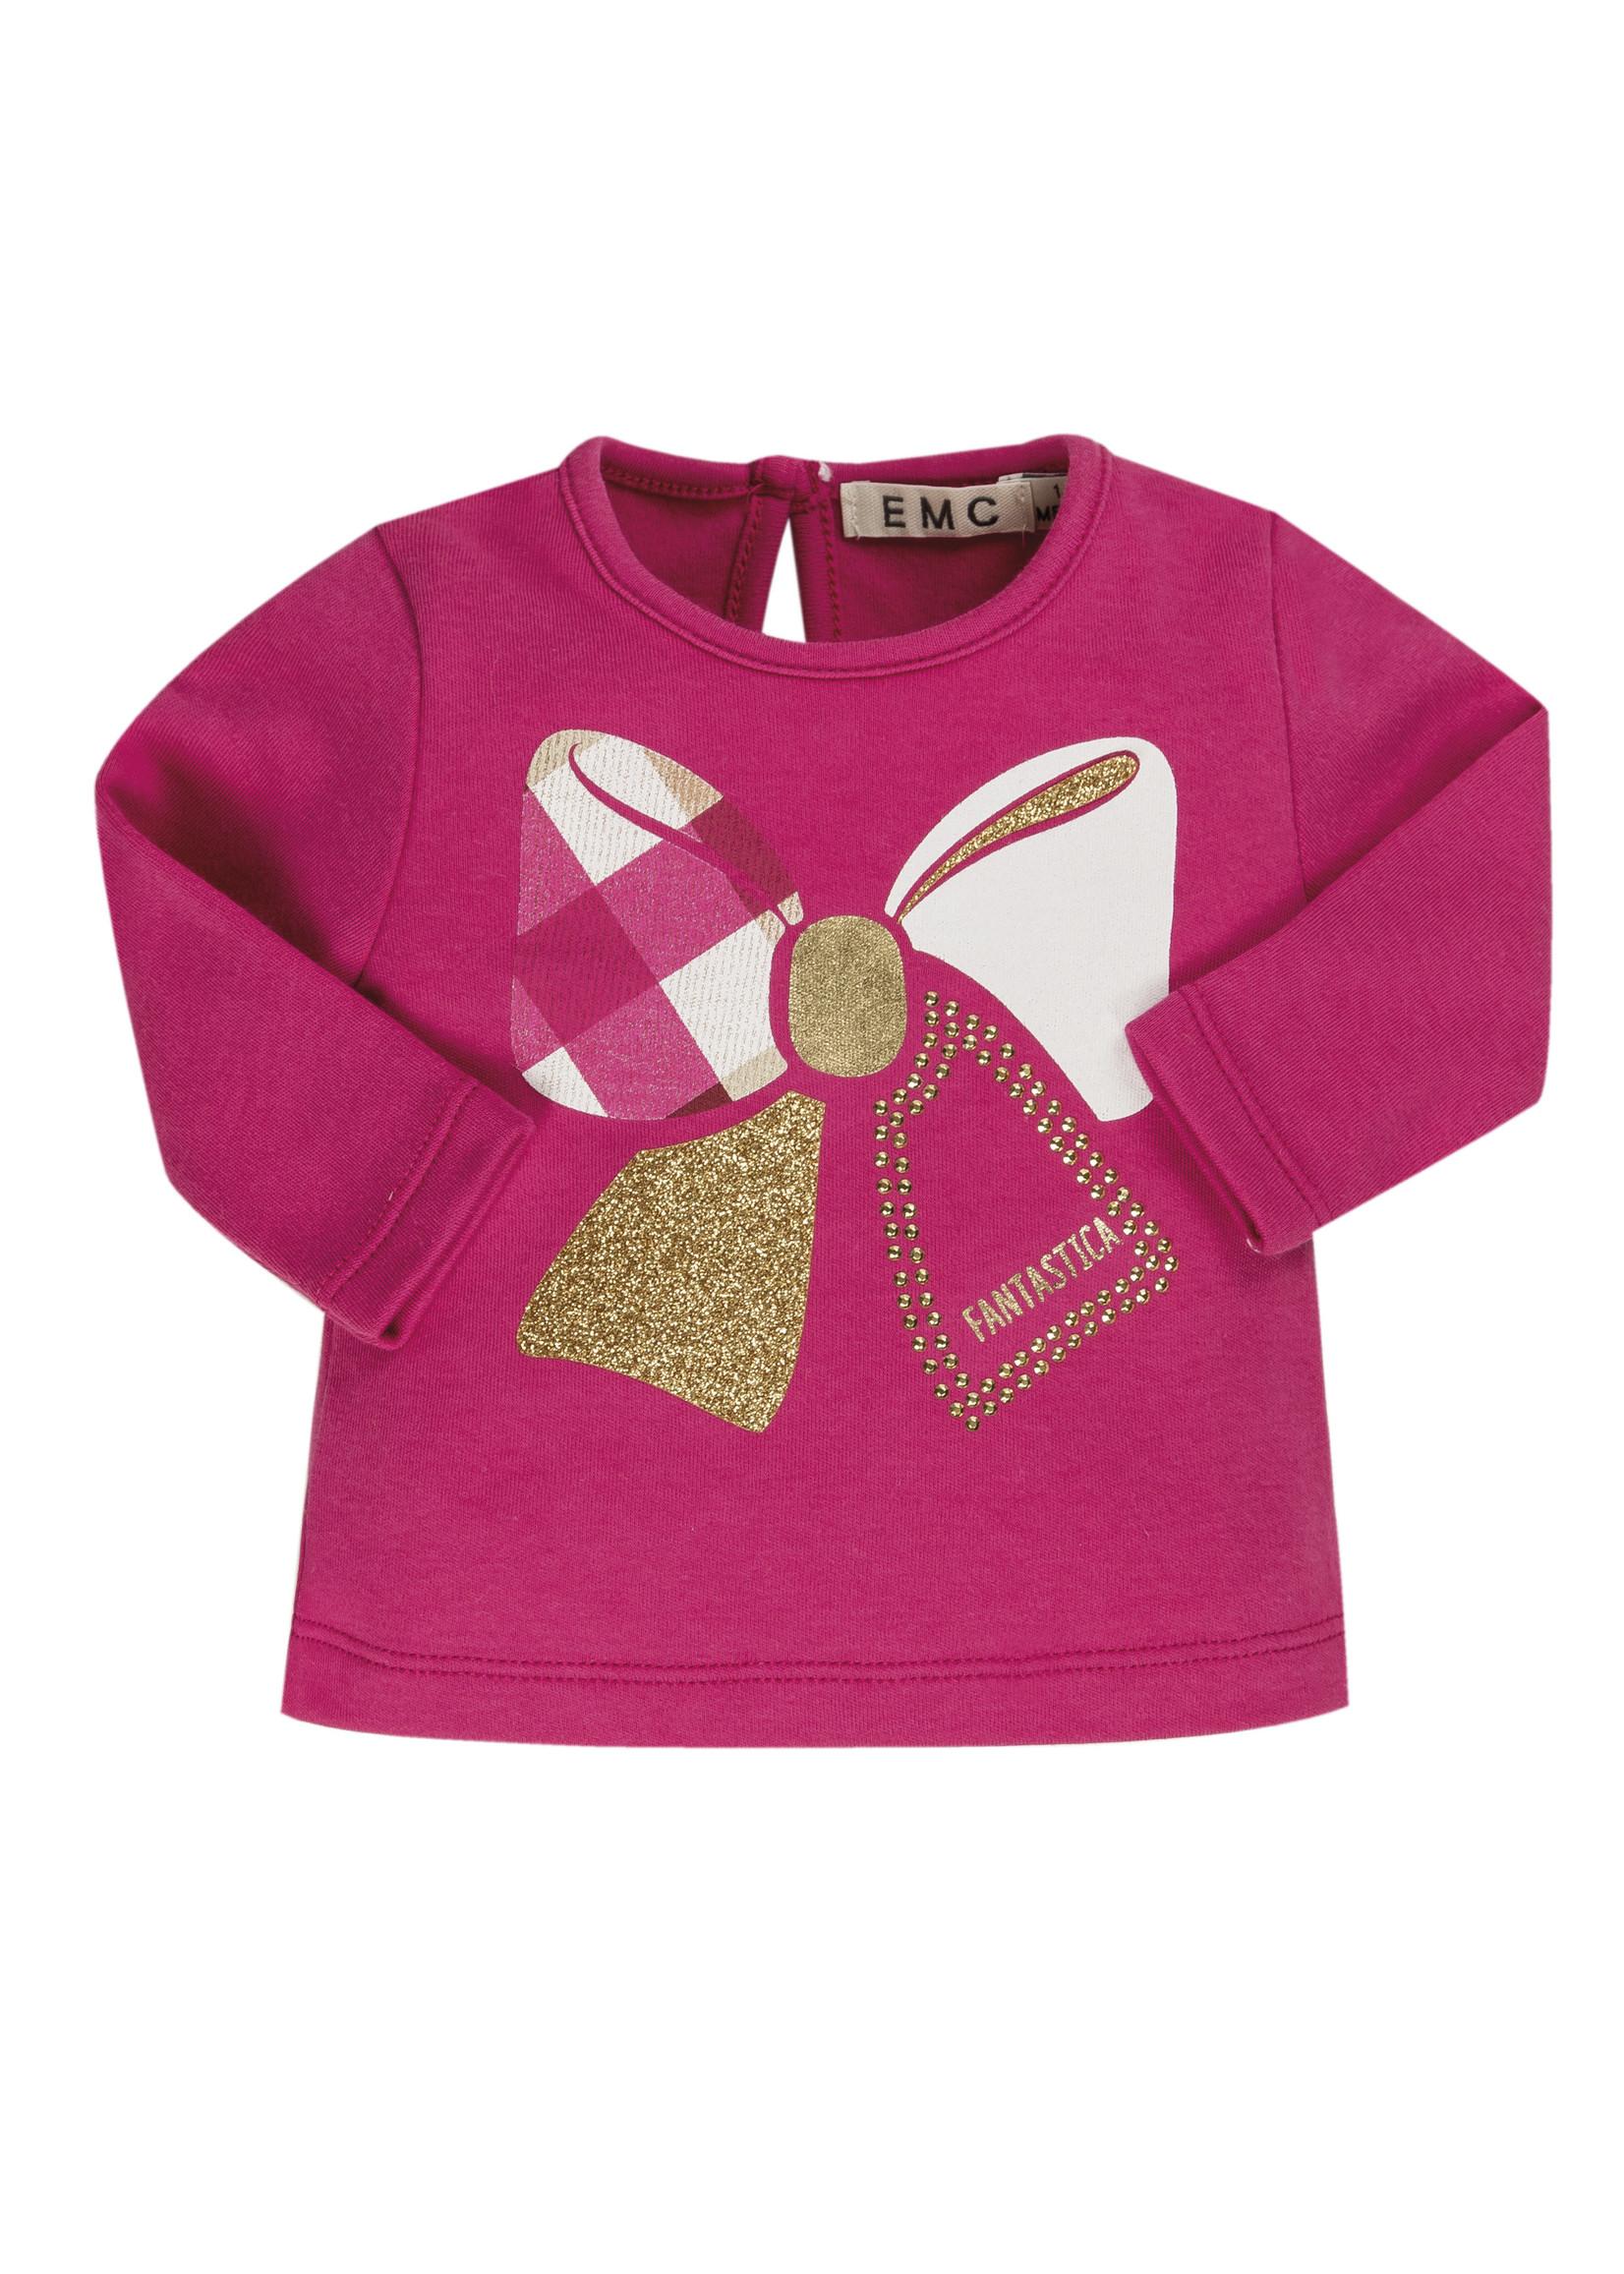 EMC EMC tshirt bow pink